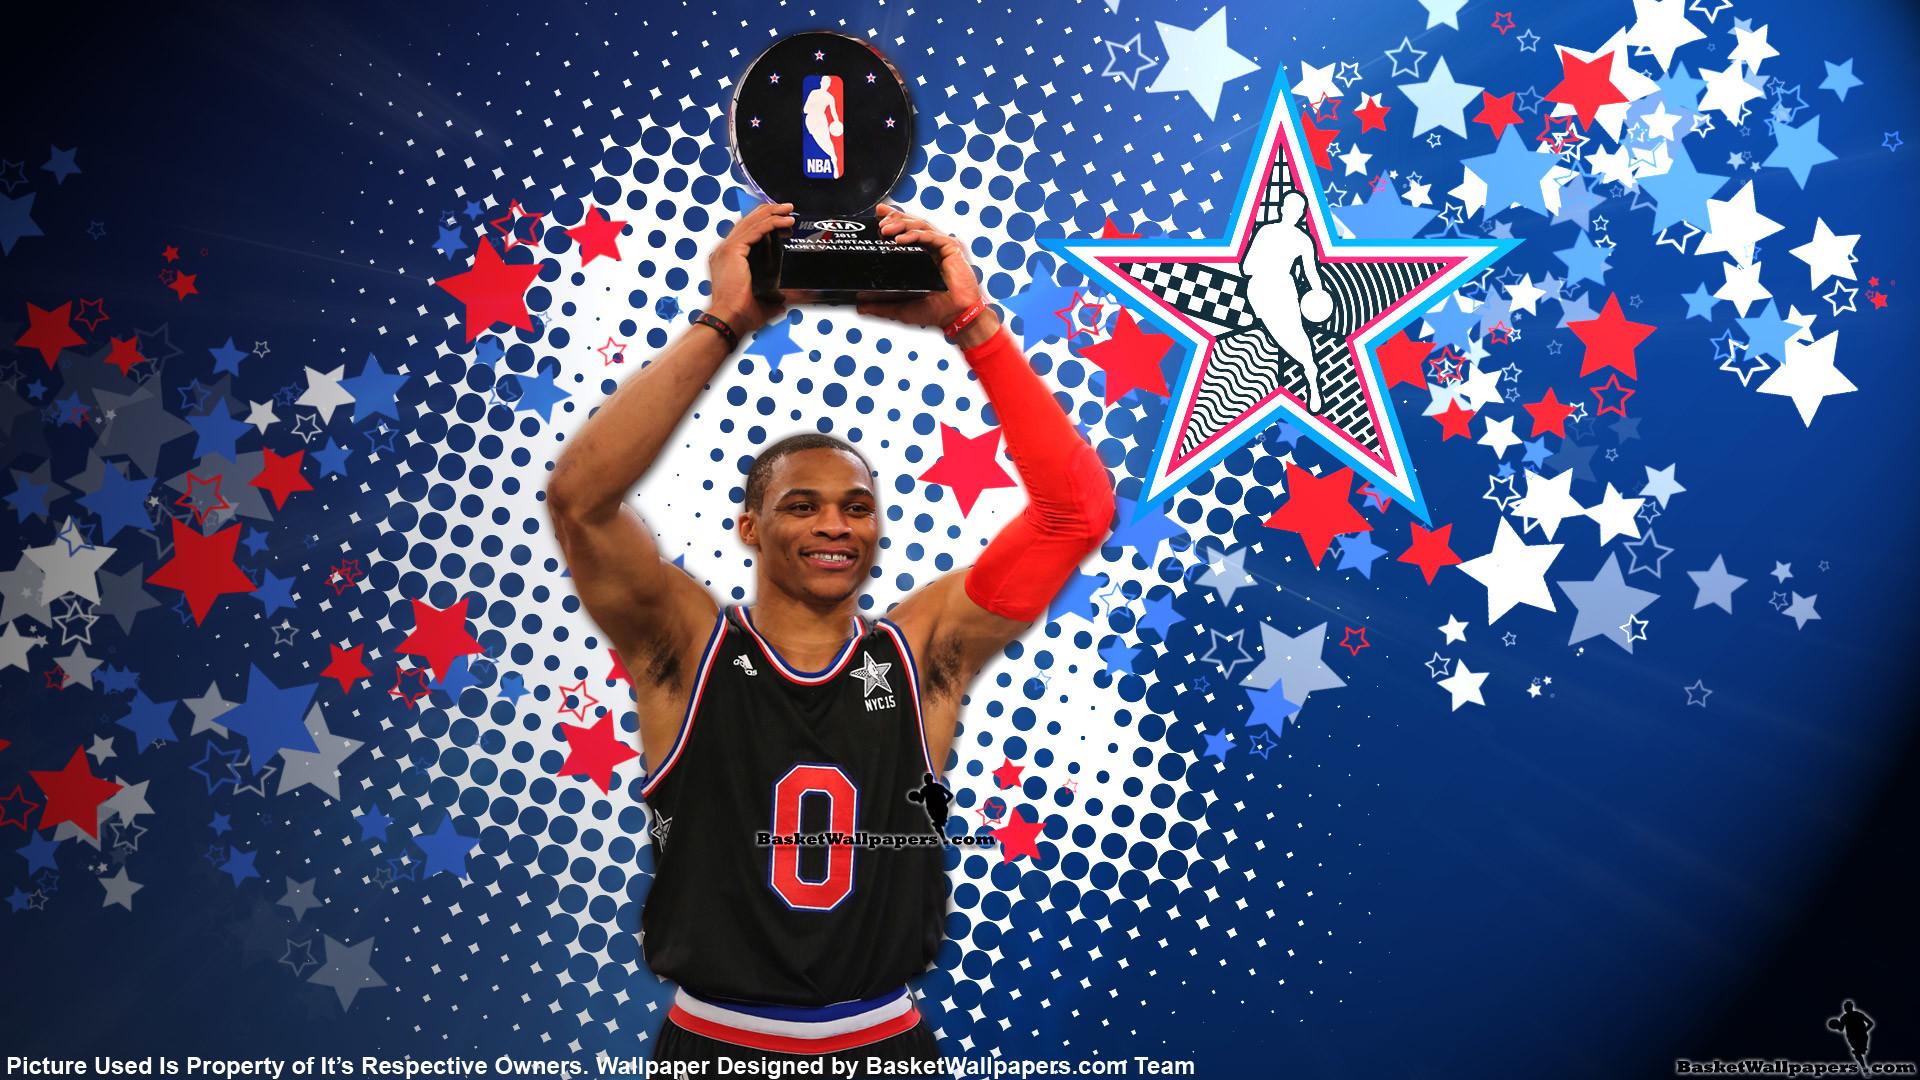 Russell Westbrook 2015 NBA All-Star MVP Wallpaper